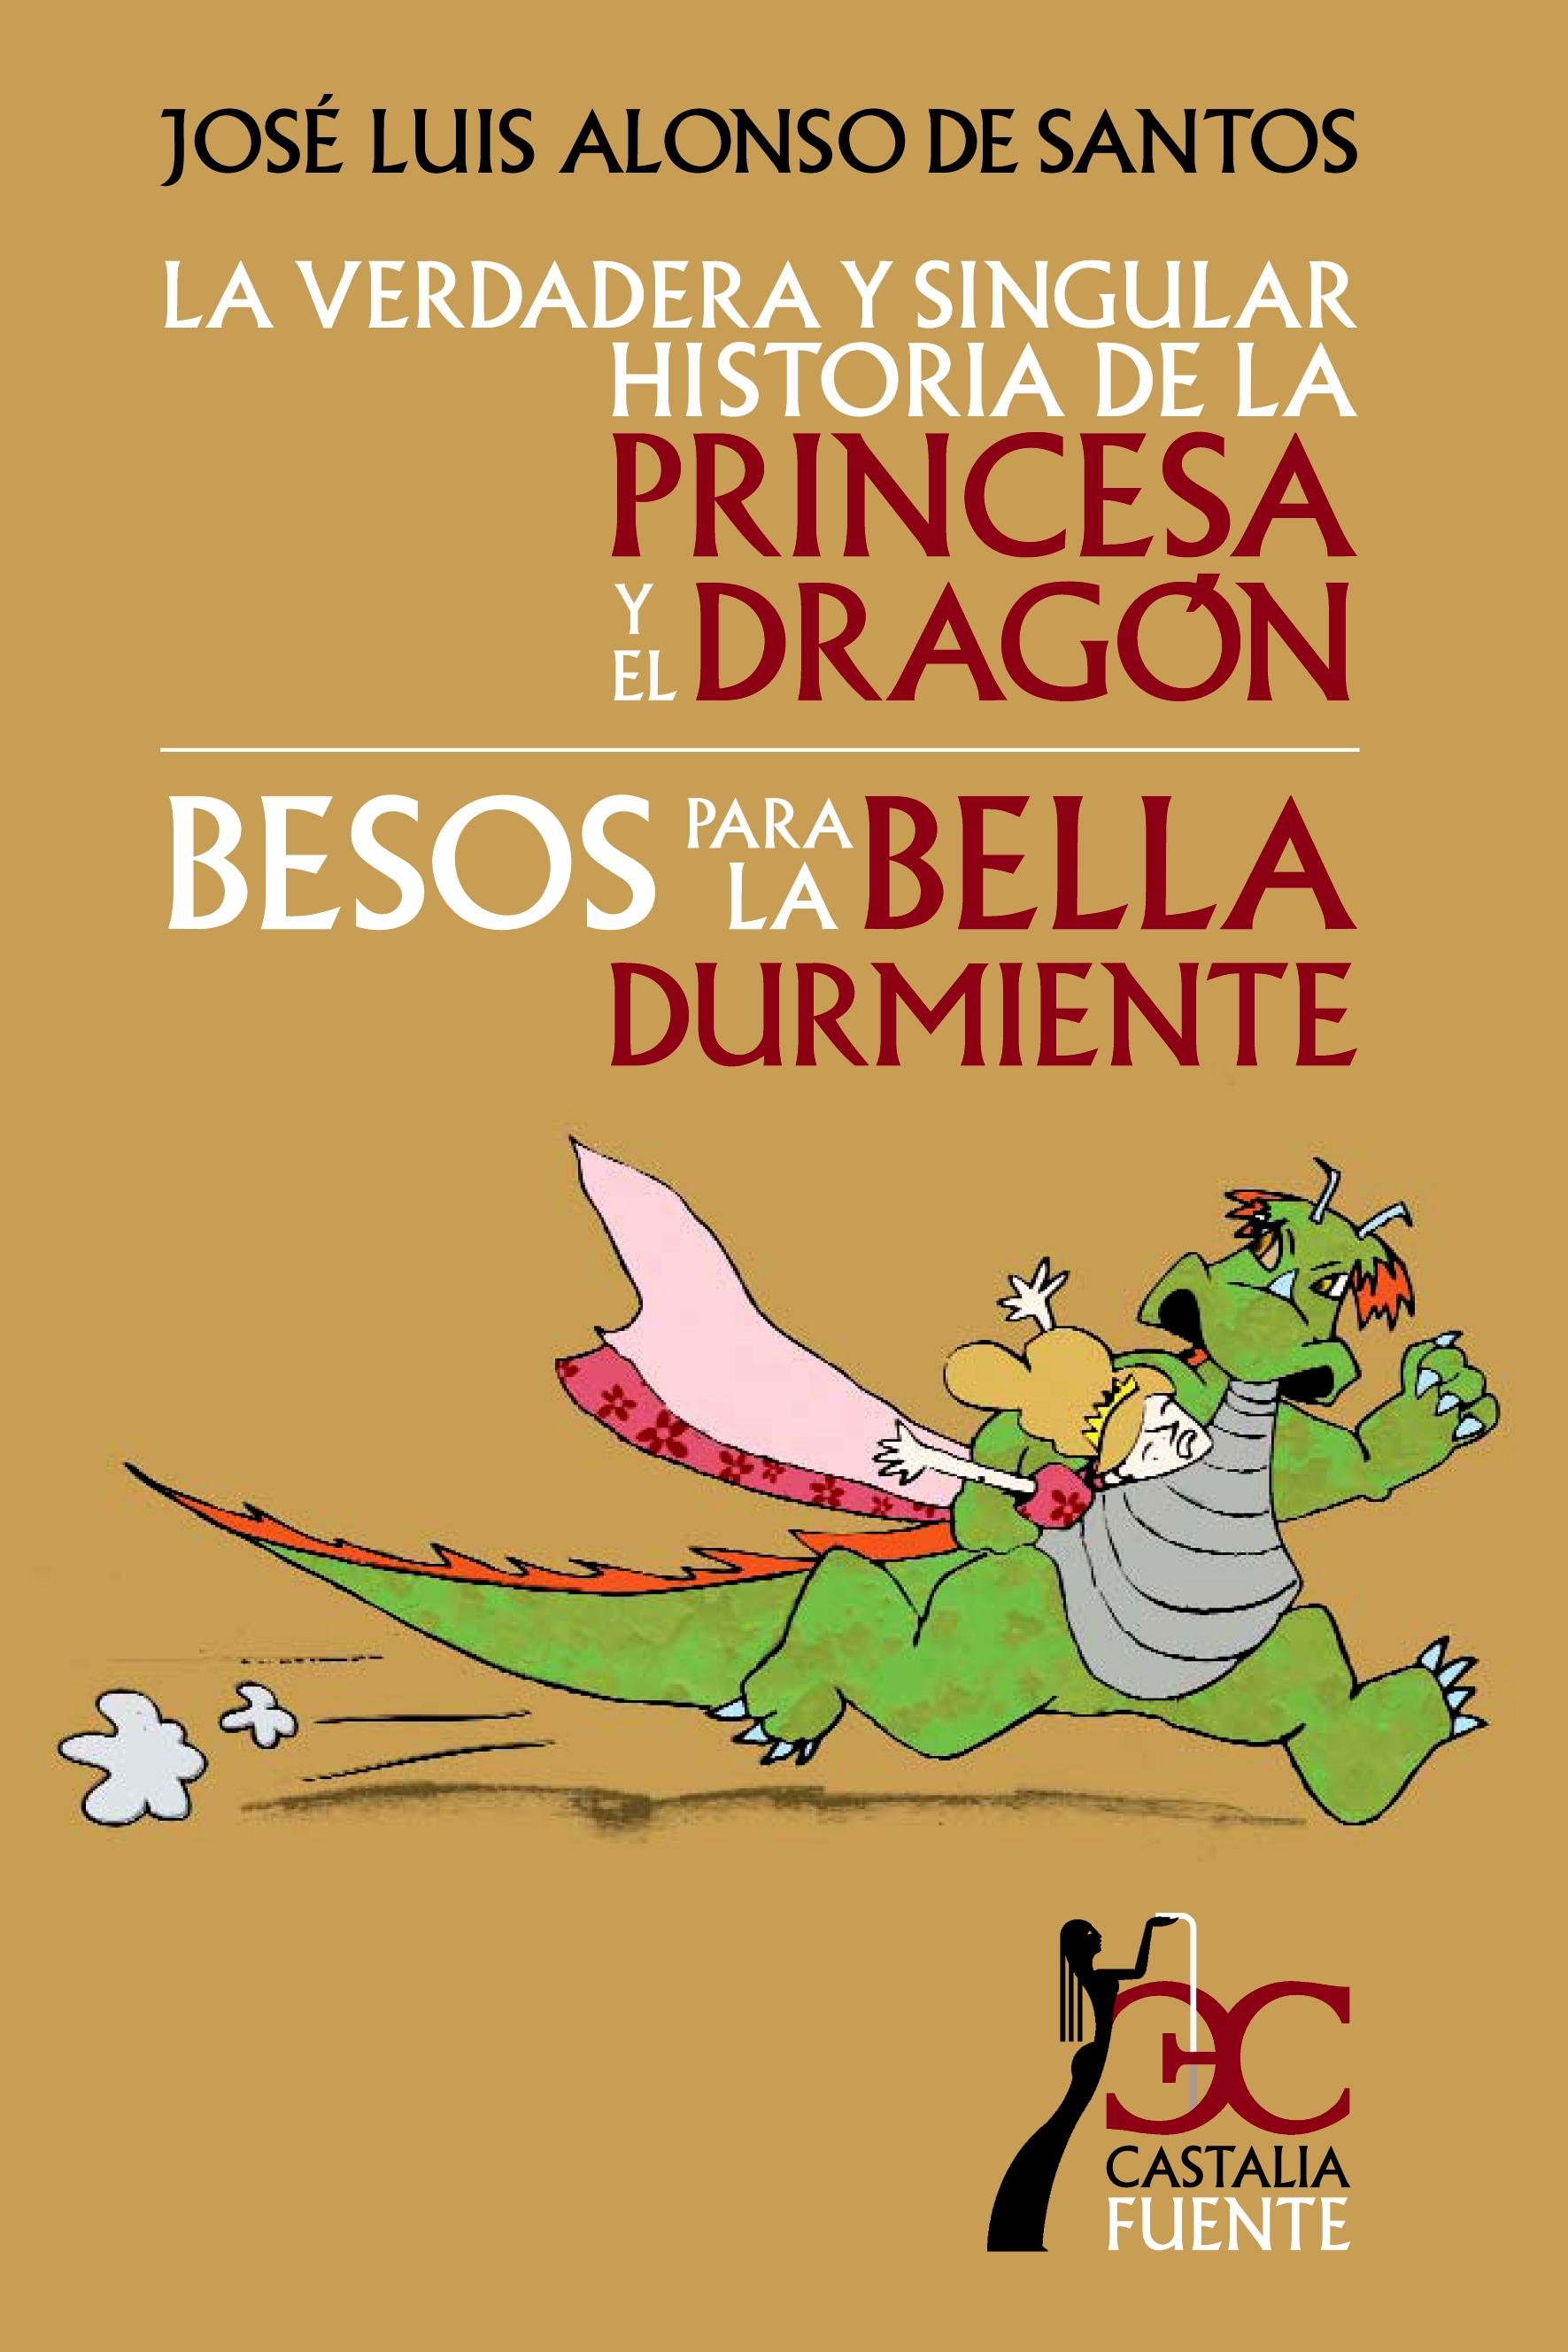 Actividades. Guía - La verdadera y singular historia de la Princesa y el dragón. Besos para la bella durmiente - José Luis Alonso de Santos